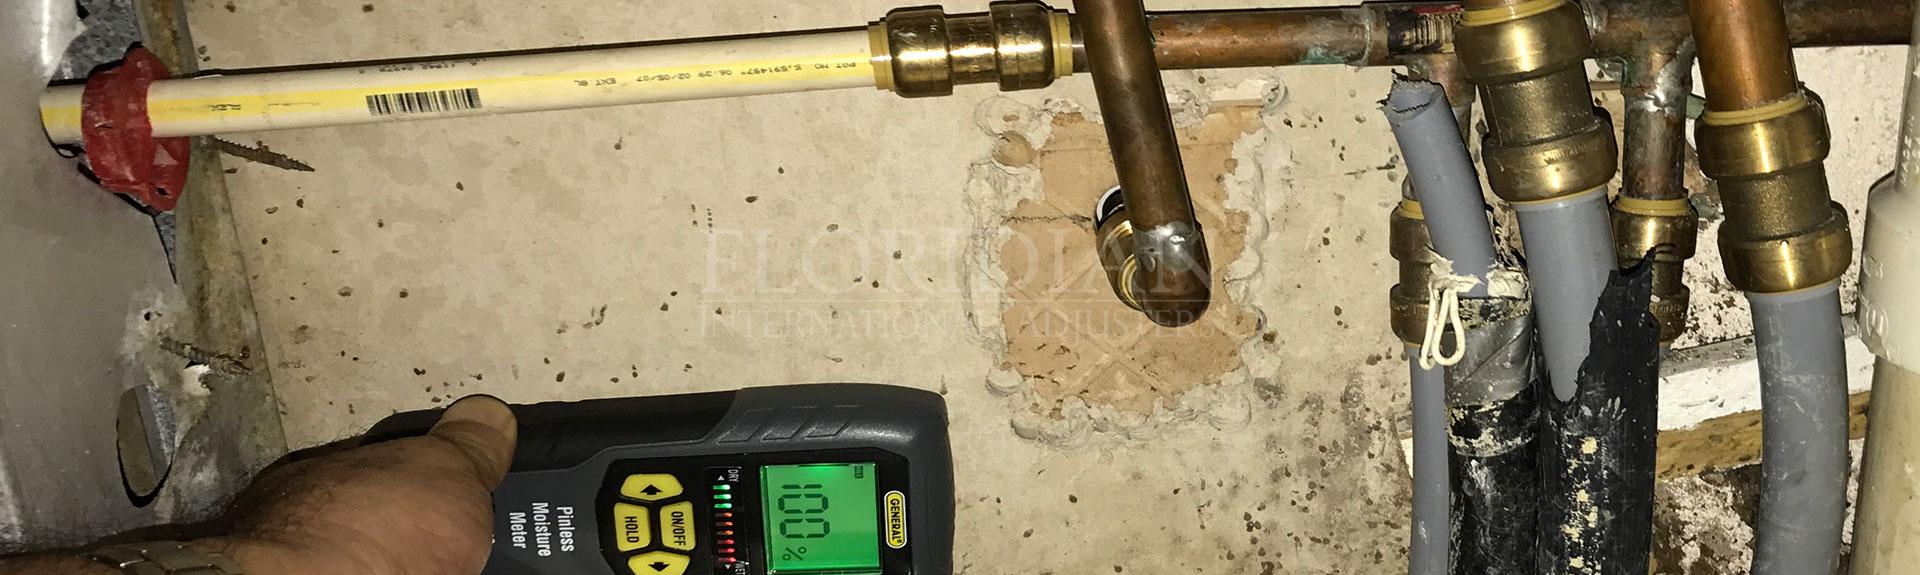 Plumbing leak claim